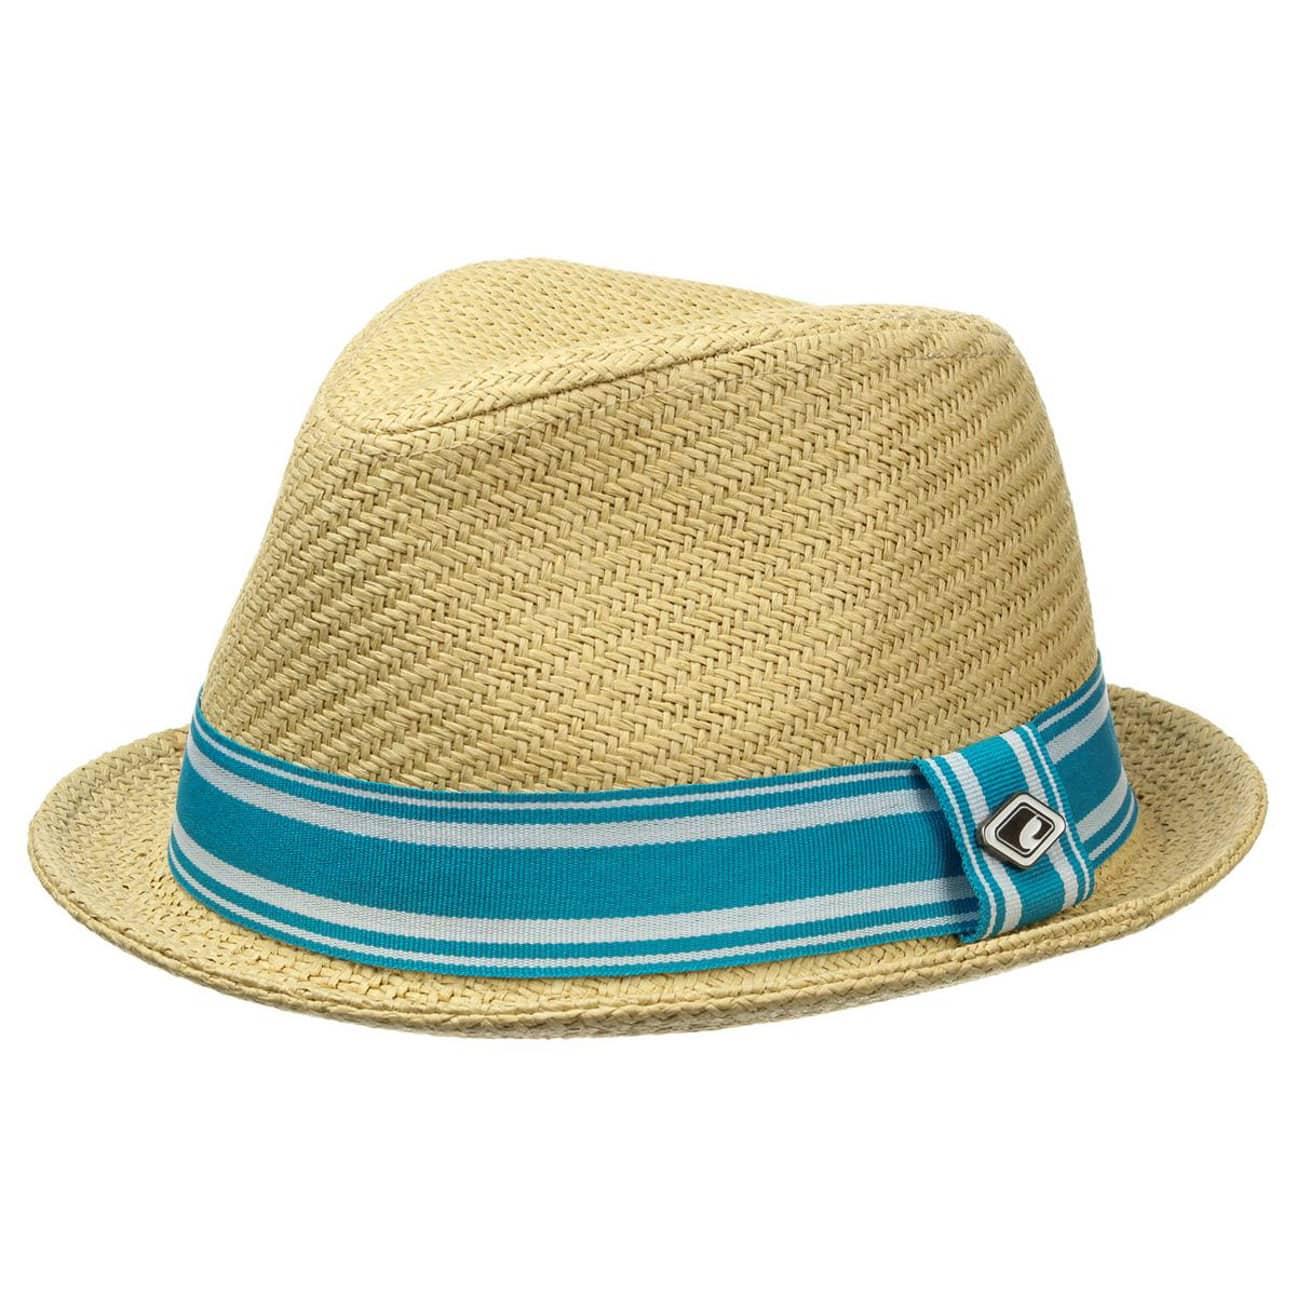 Sombrero Player Miami by Chillouts - Sombreros - sombreroshop.es 9c51d61aab2